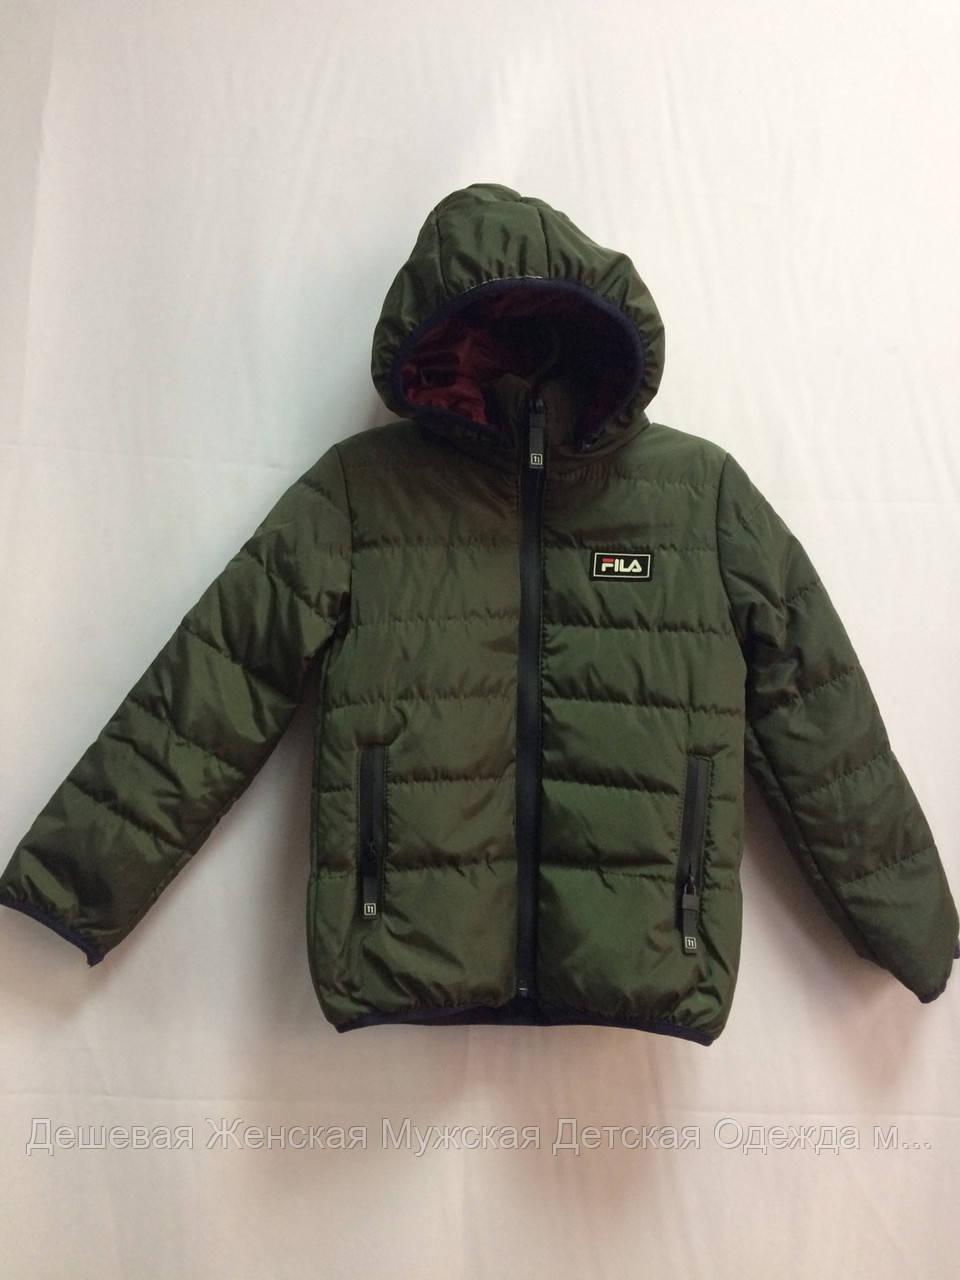 Дитяча куртка з капюшоном